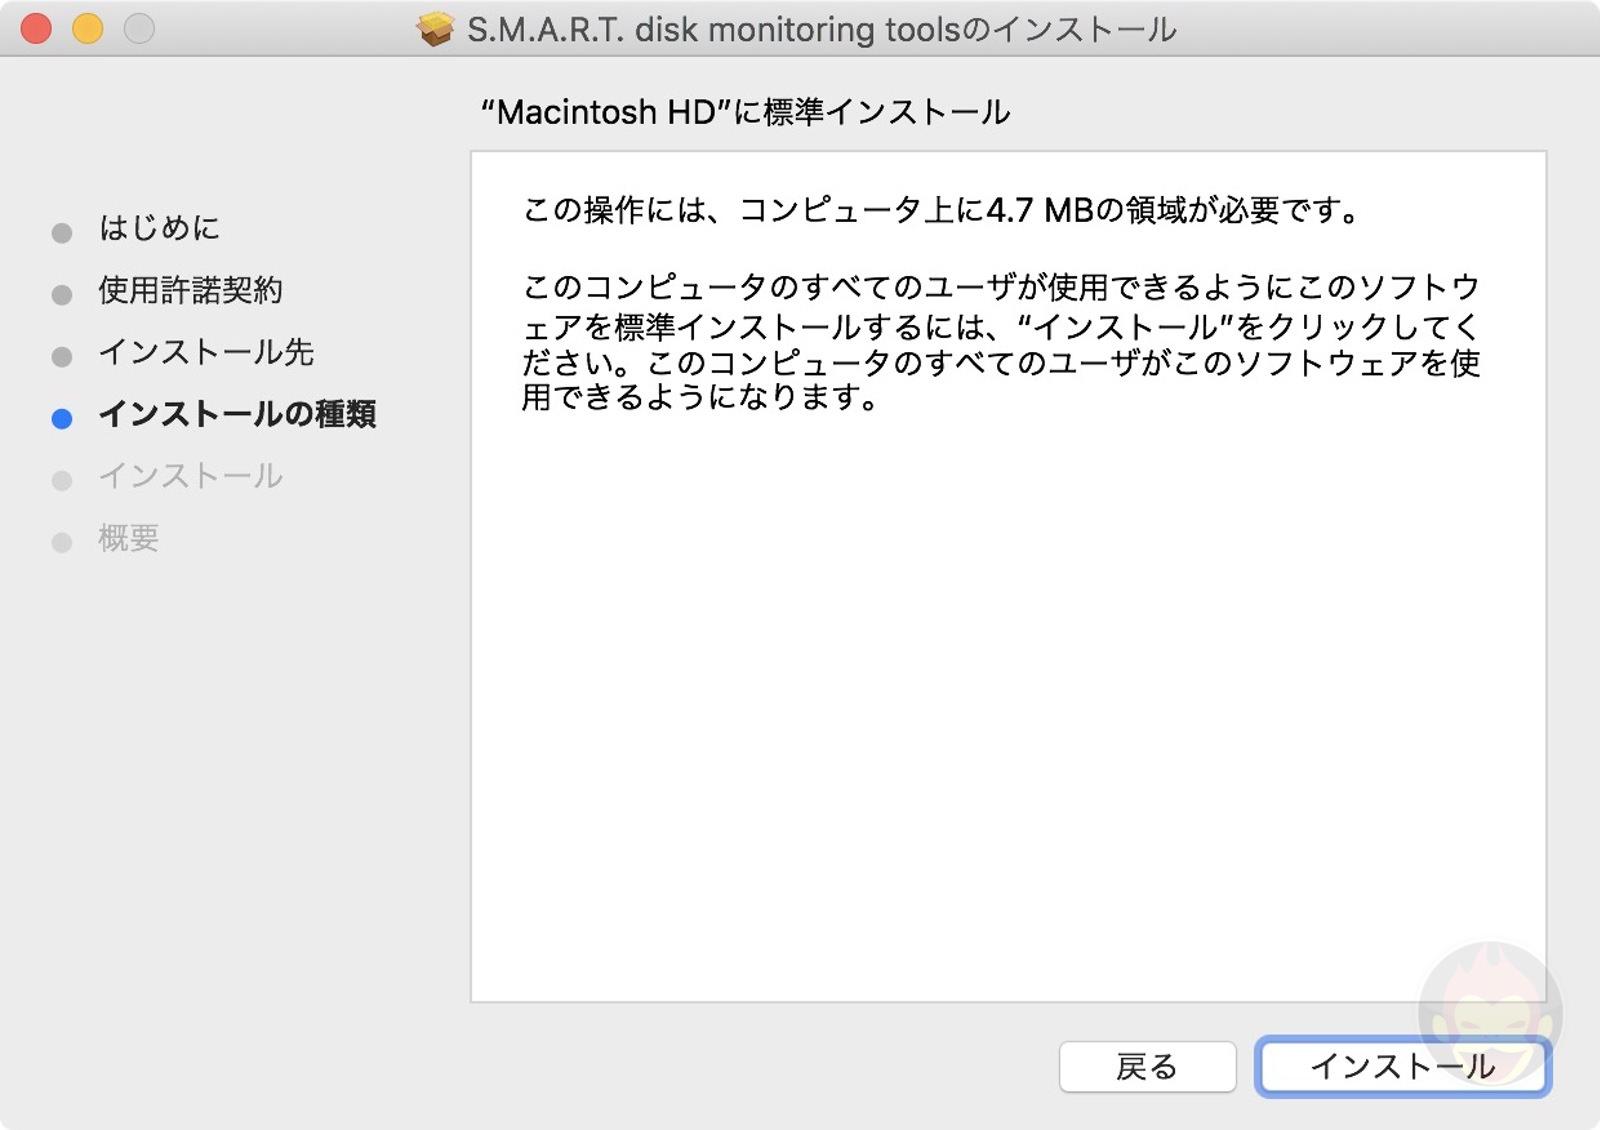 SMART SSD information for 16mbp2019 03